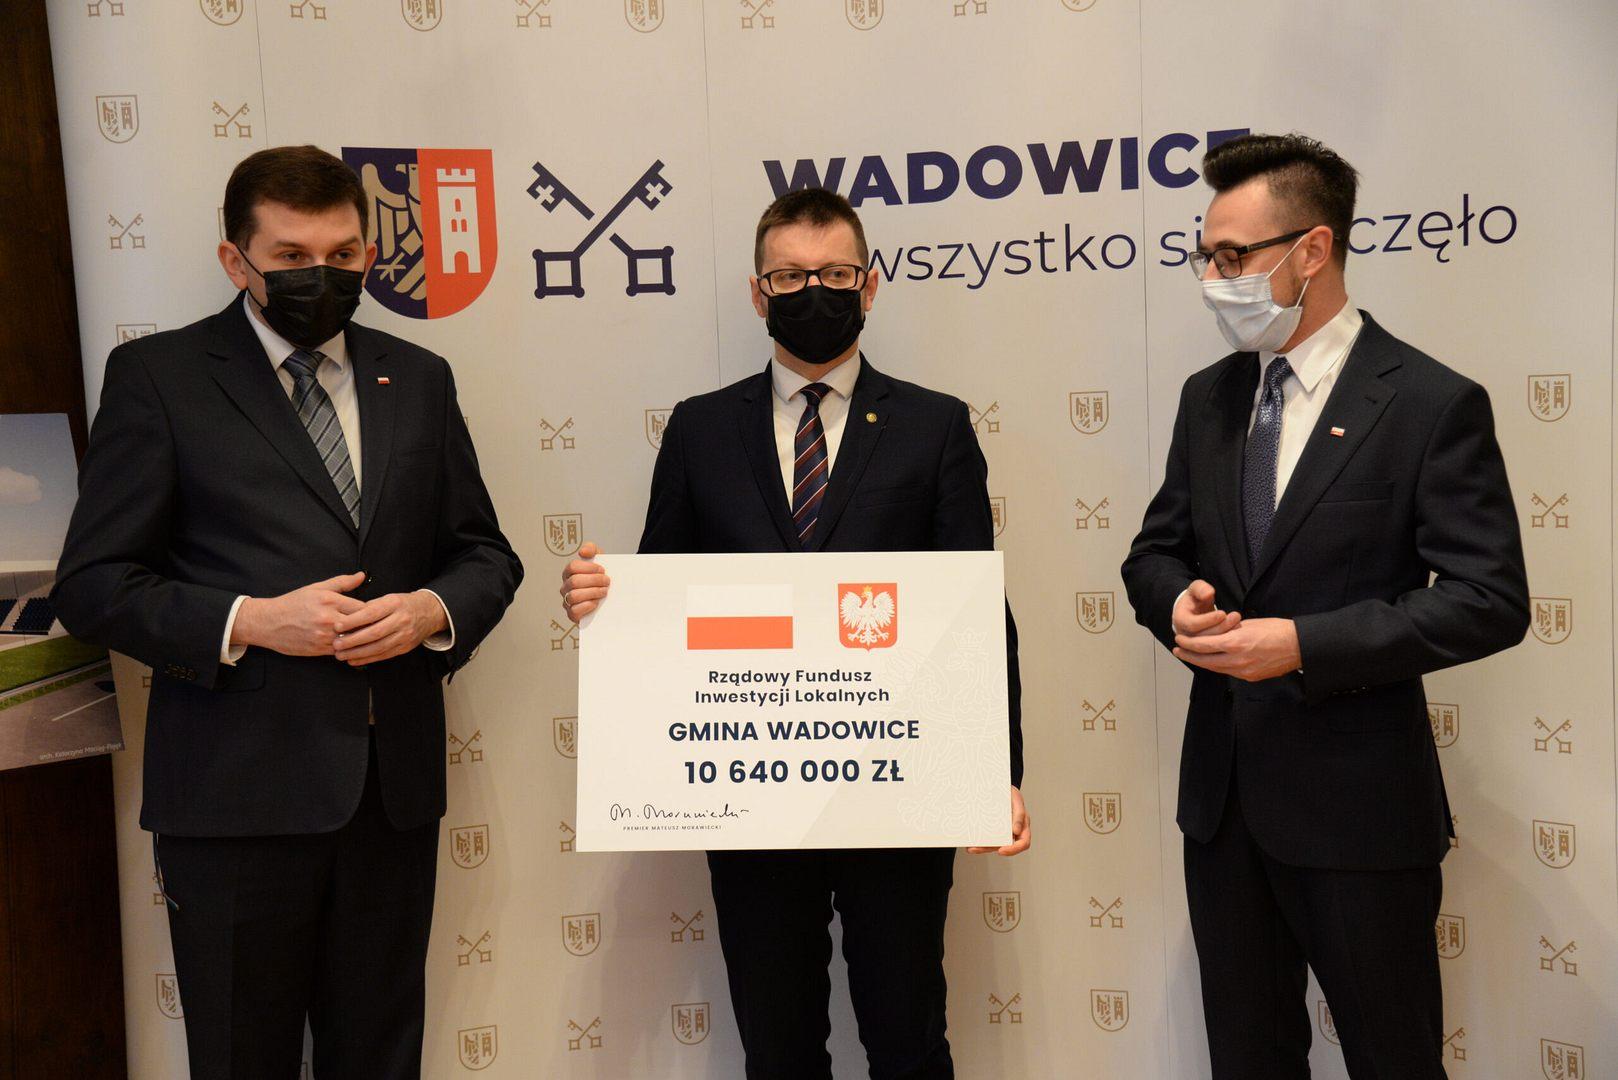 Ponad 10 milionów dla Wadowic na inwestycje!